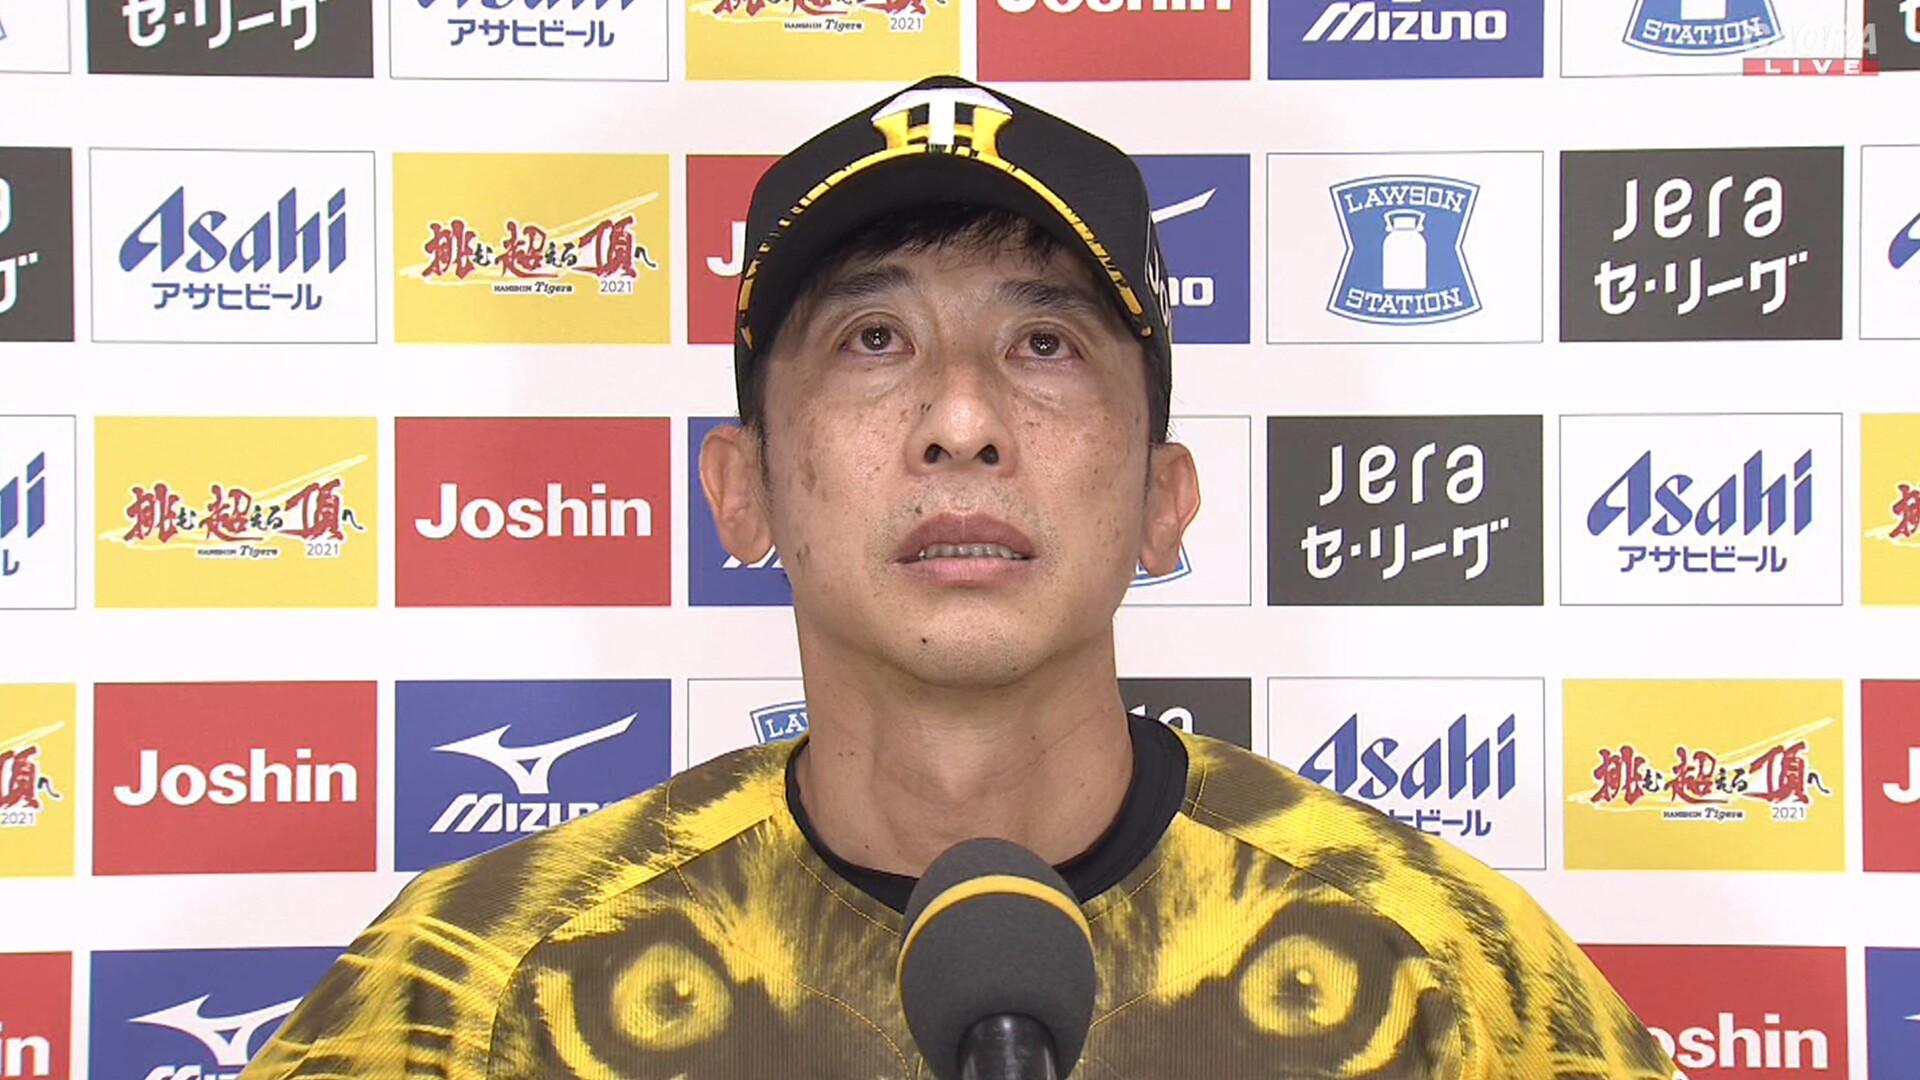 矢野監督、号泣 「感動してます…」